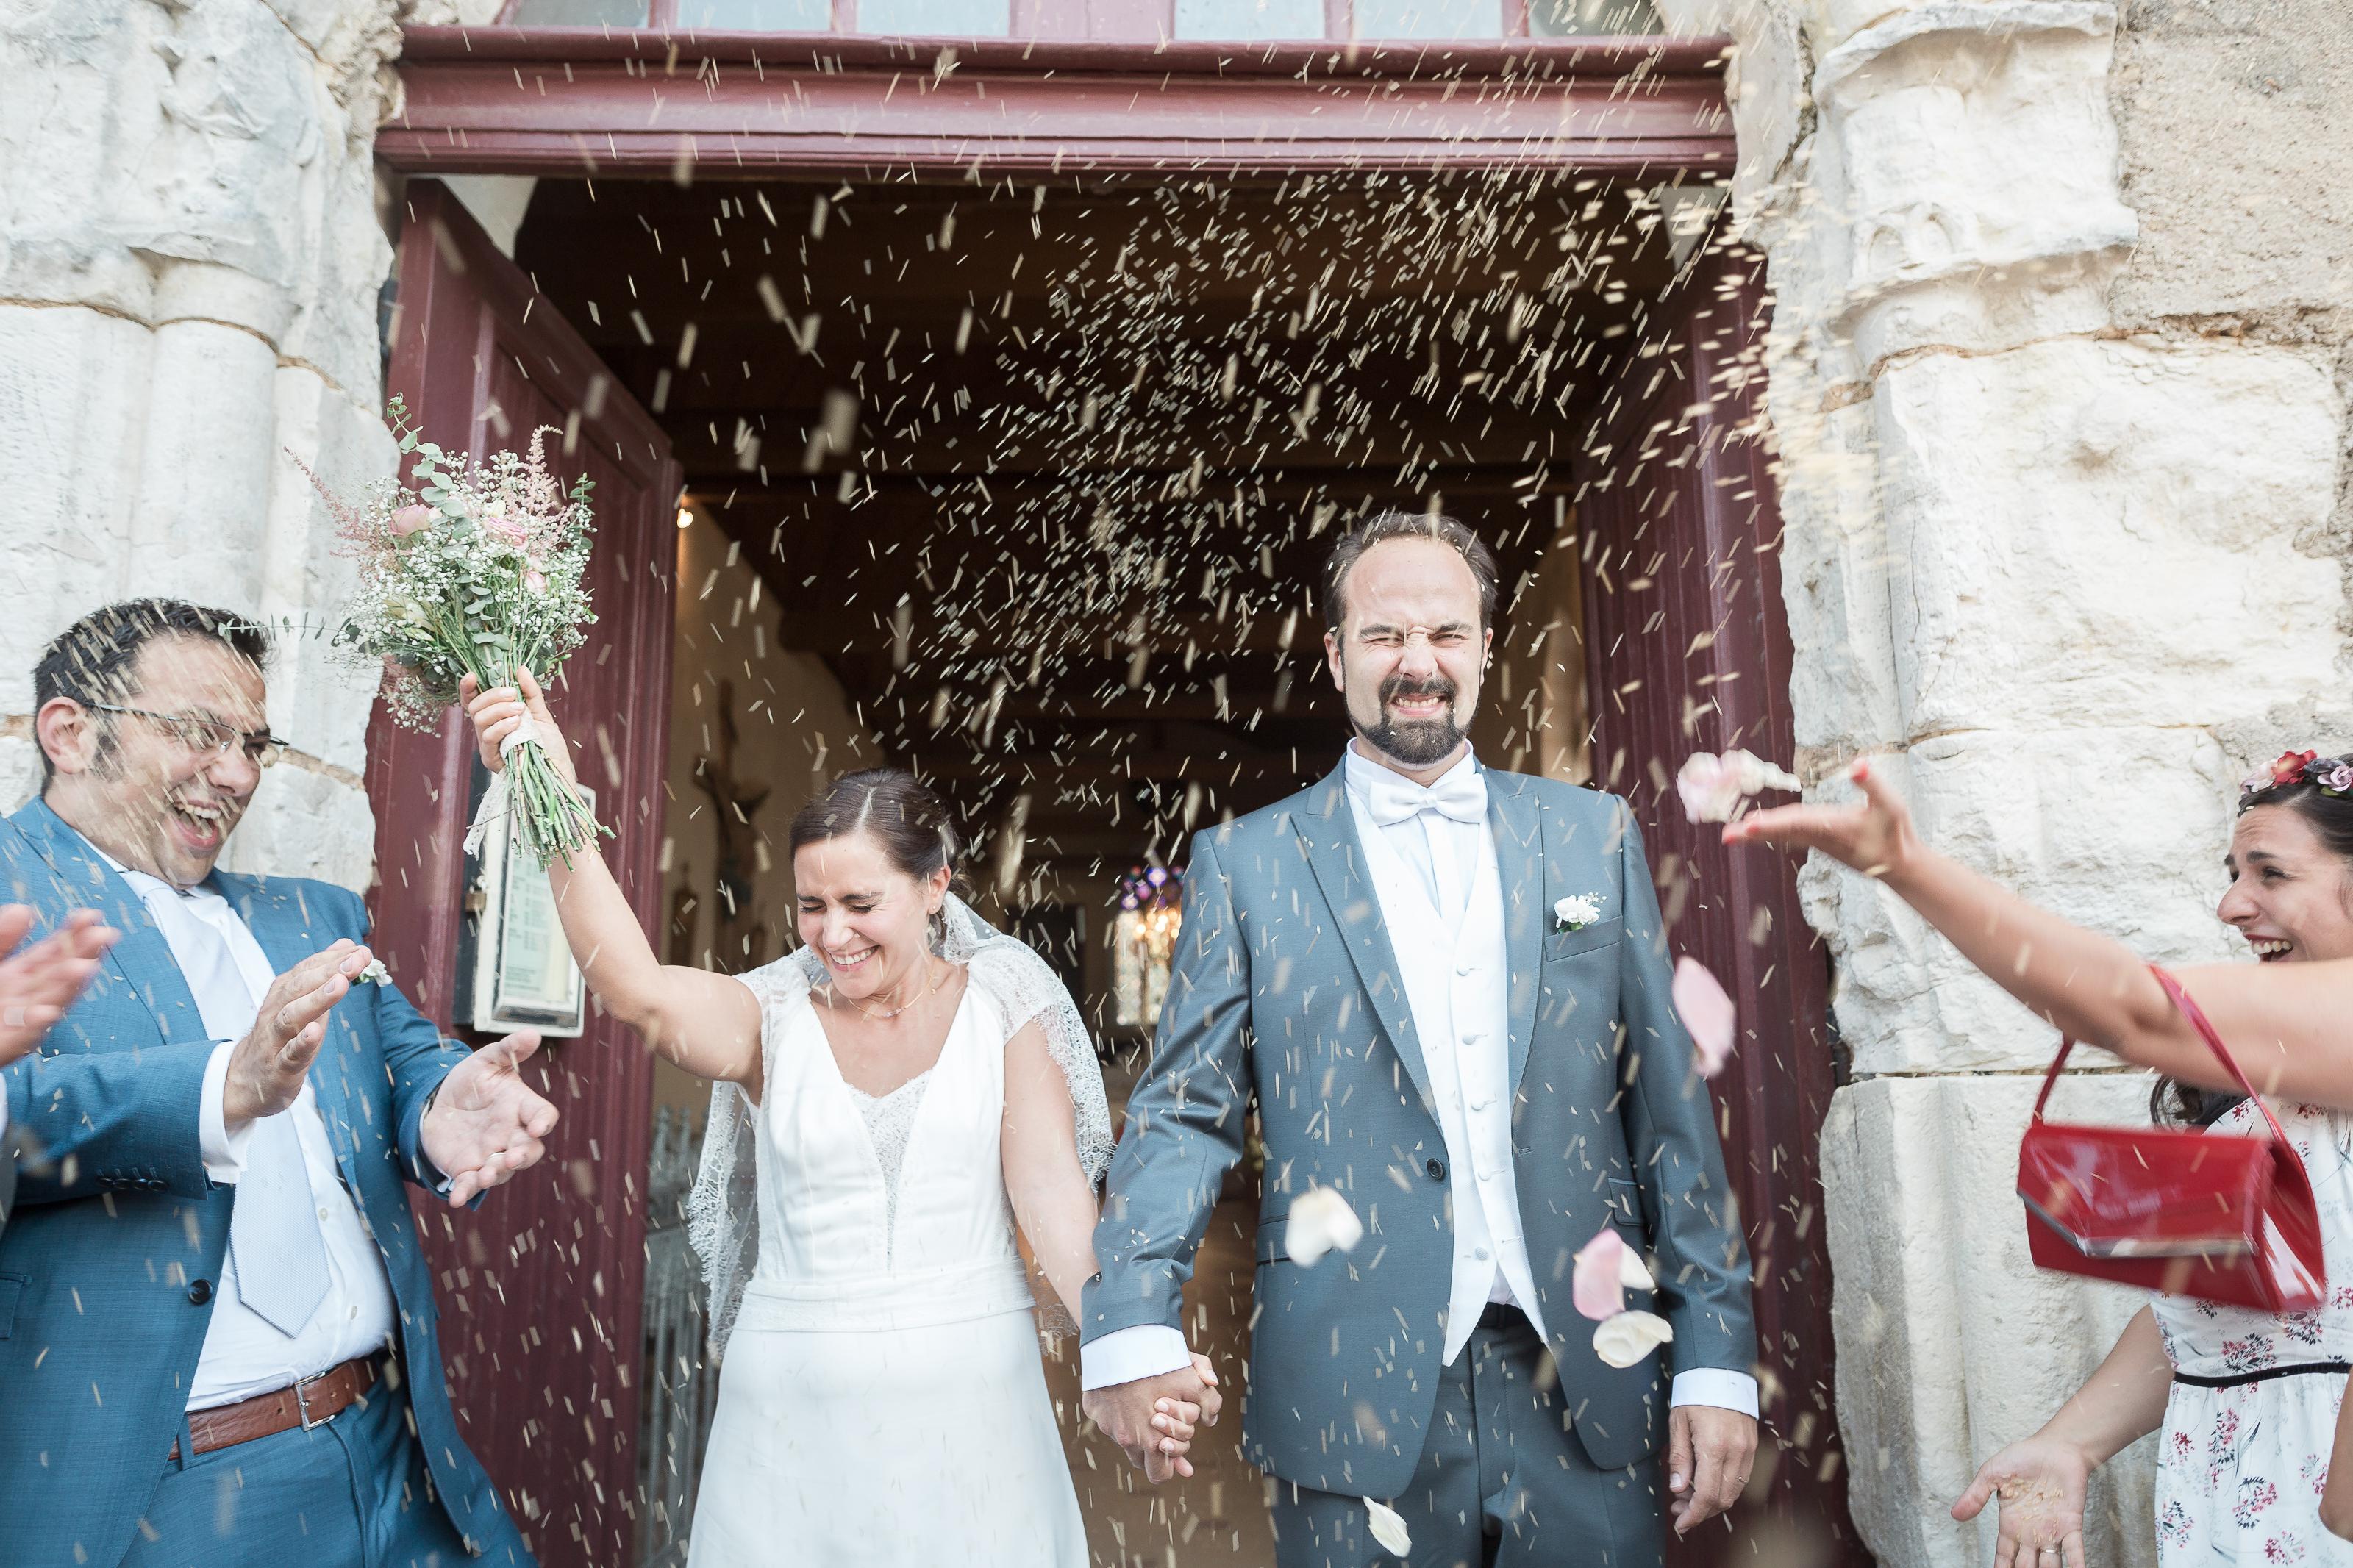 mariage église chateau de chevillon photographe mariage yonne soulbliss mariage chic haut de gamme